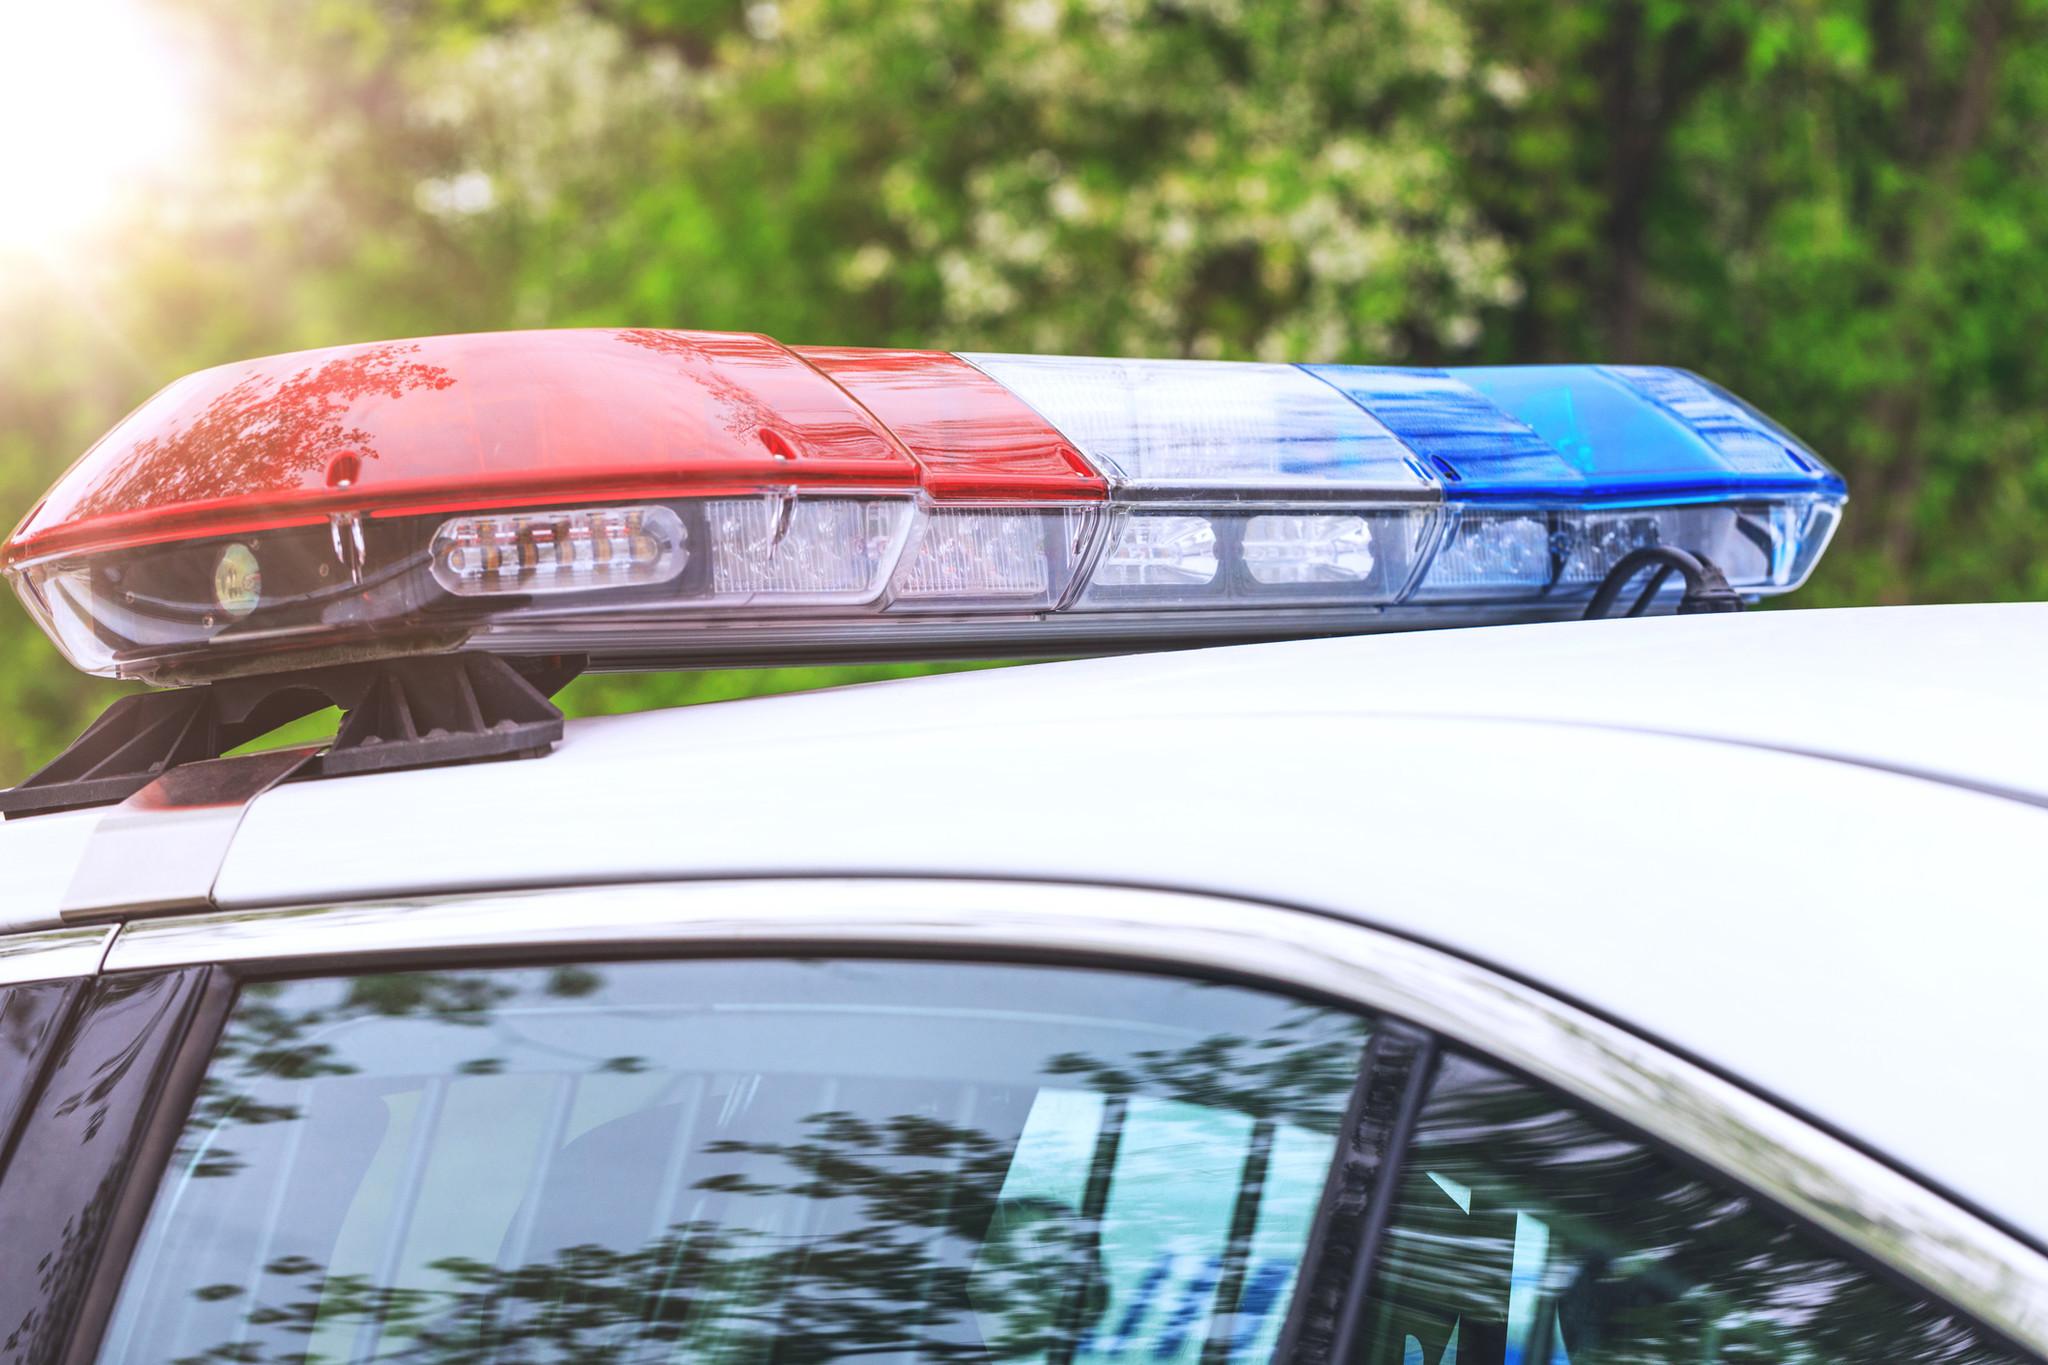 Man shot and killed over parking space at Atlanta shopping mall